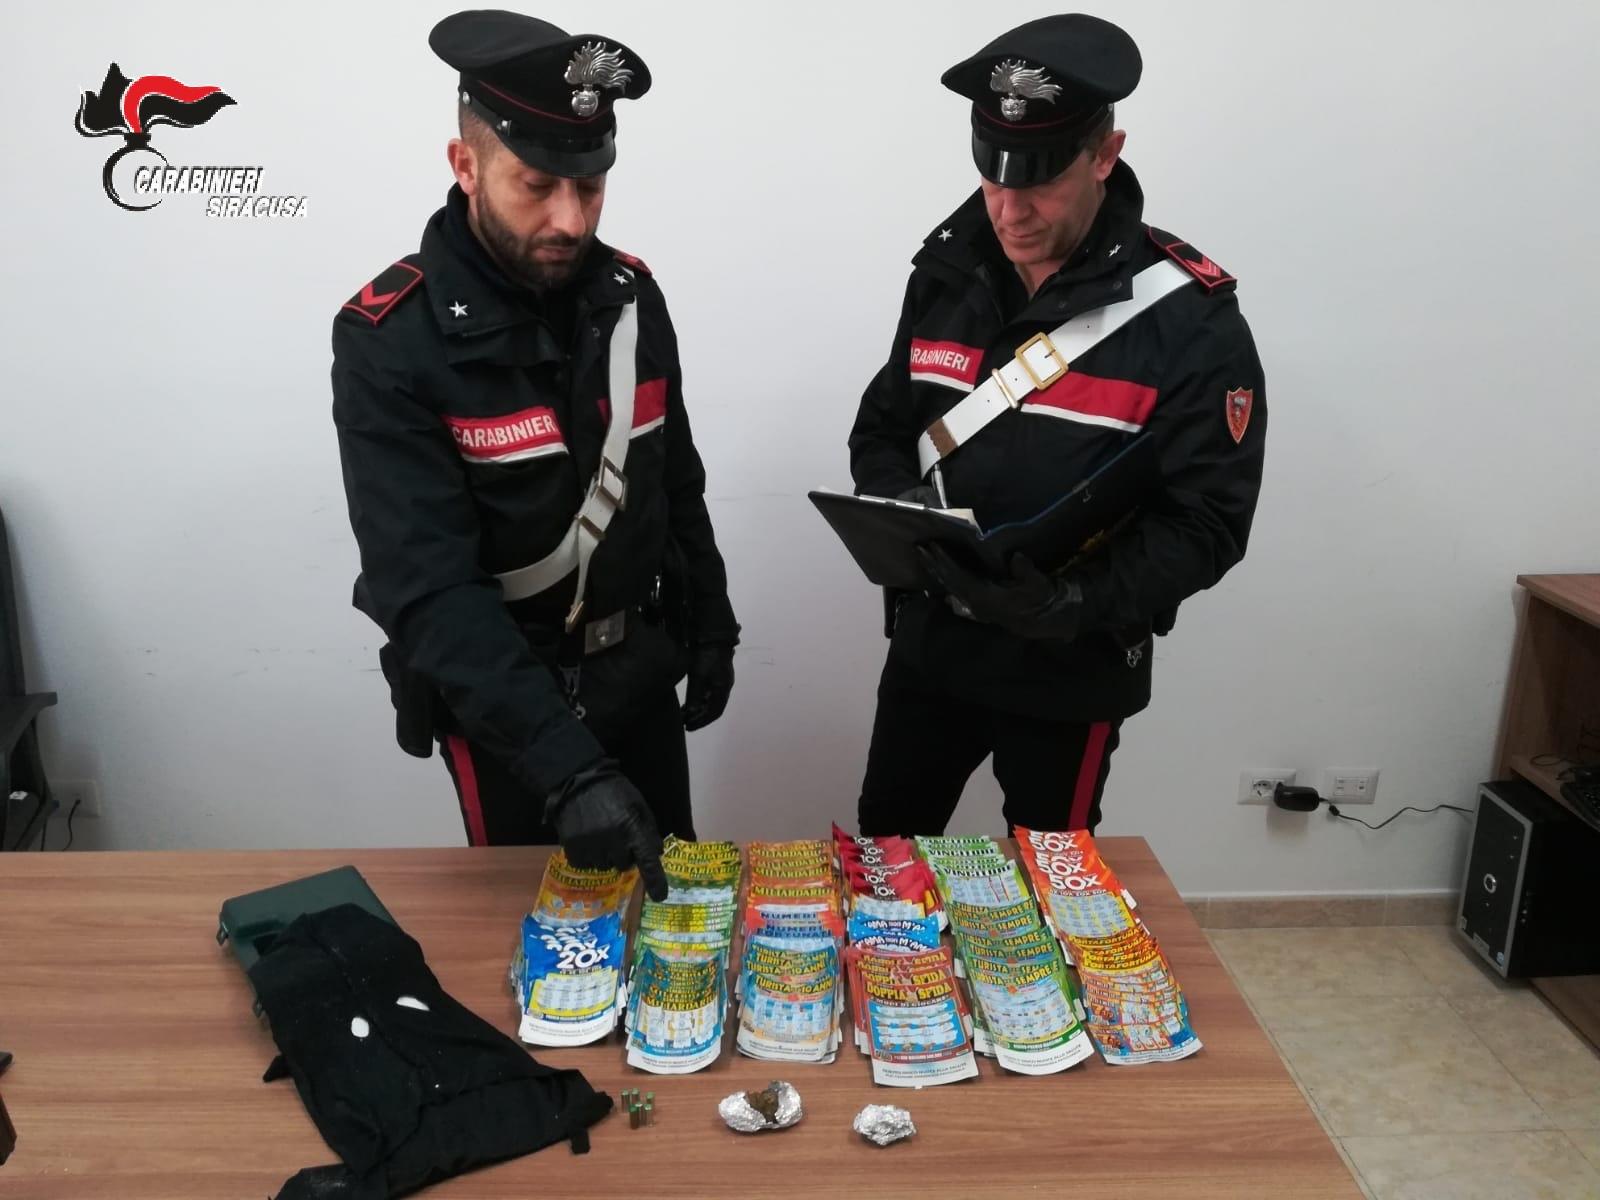 AVEVANO DROGA, GRATTA E VINCI E UN REGISTRATORE DI CASSA, DENUNCIATI TRE GIOVANI